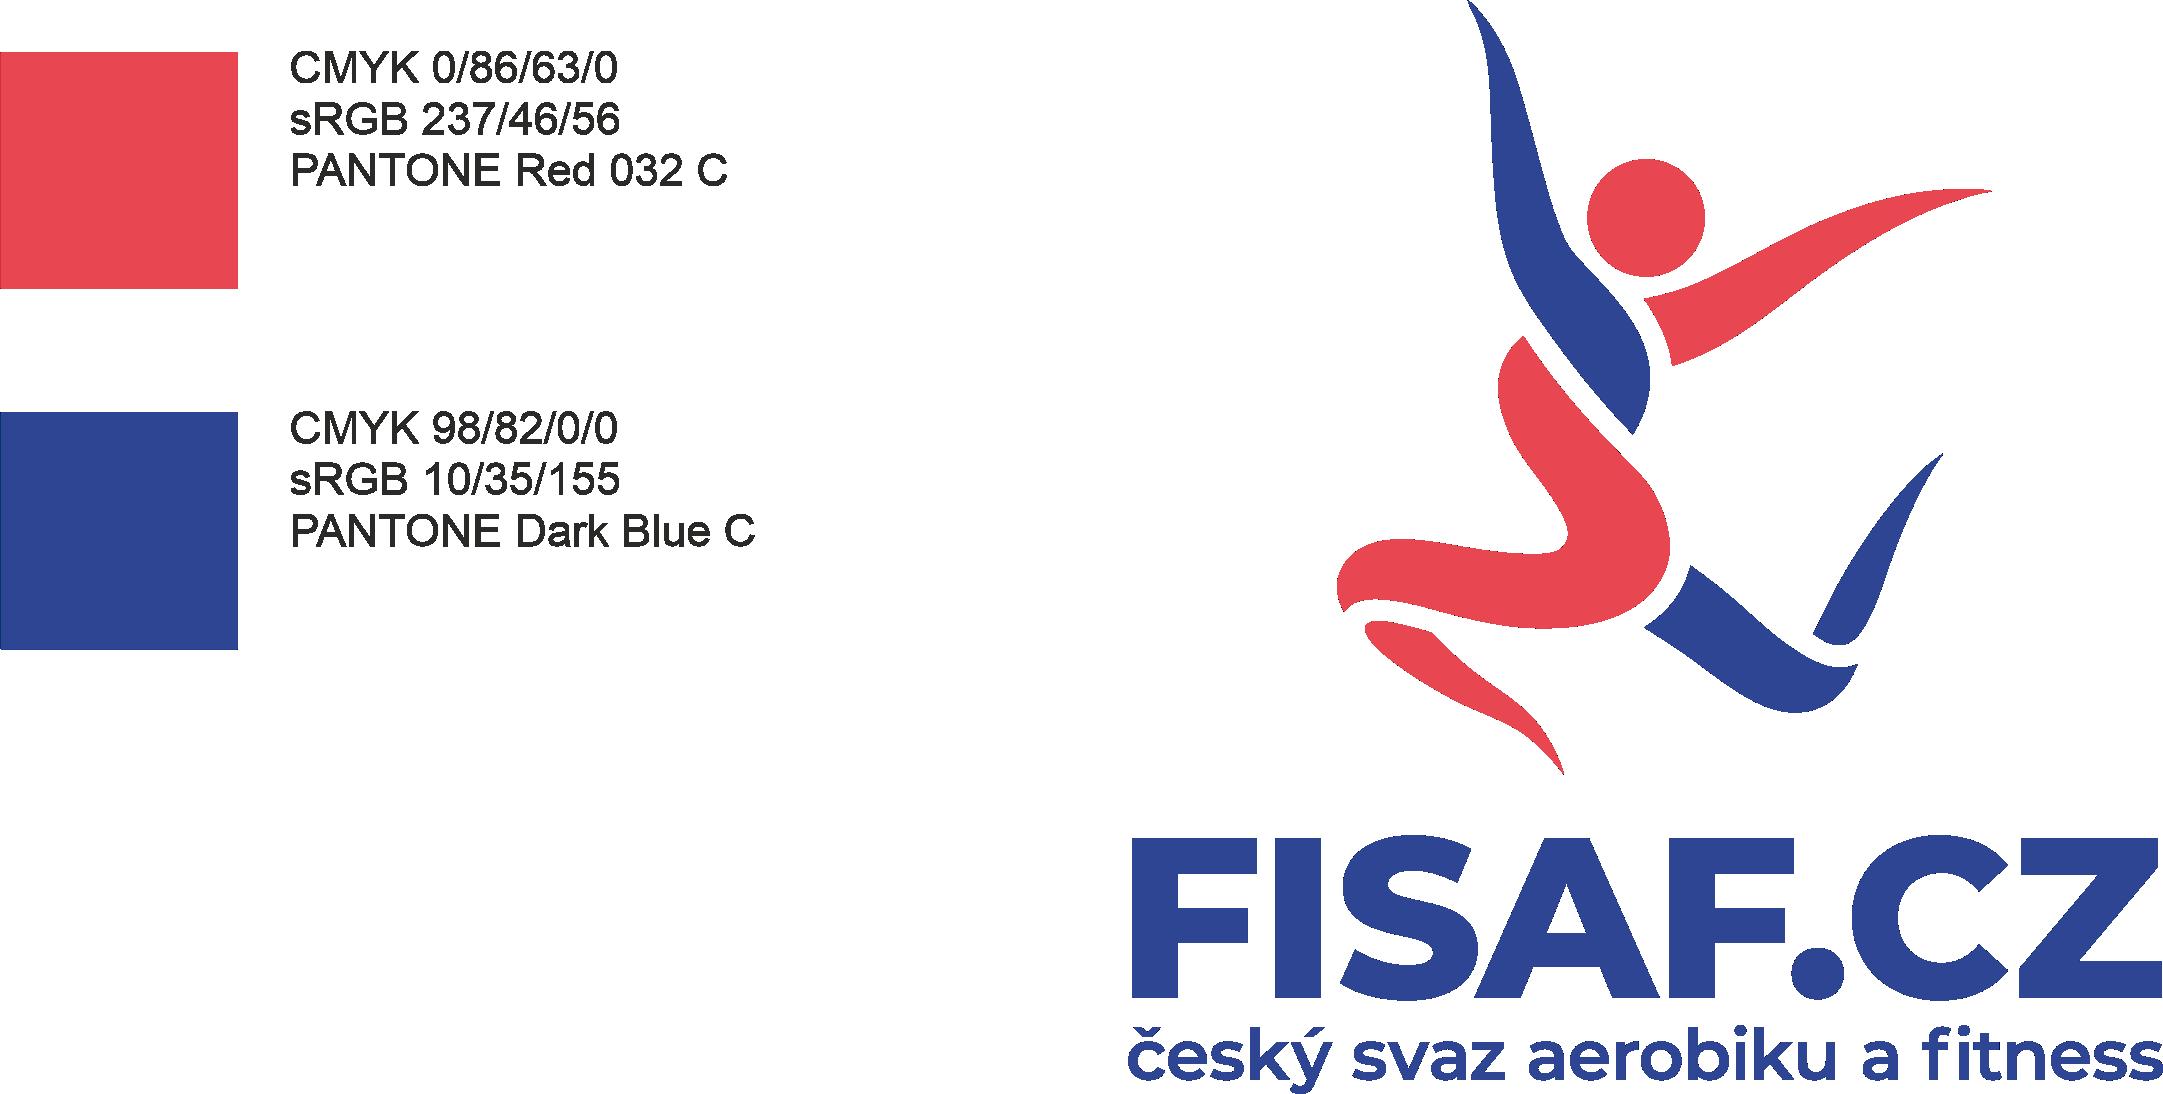 Barevnost loga FISAF.cz